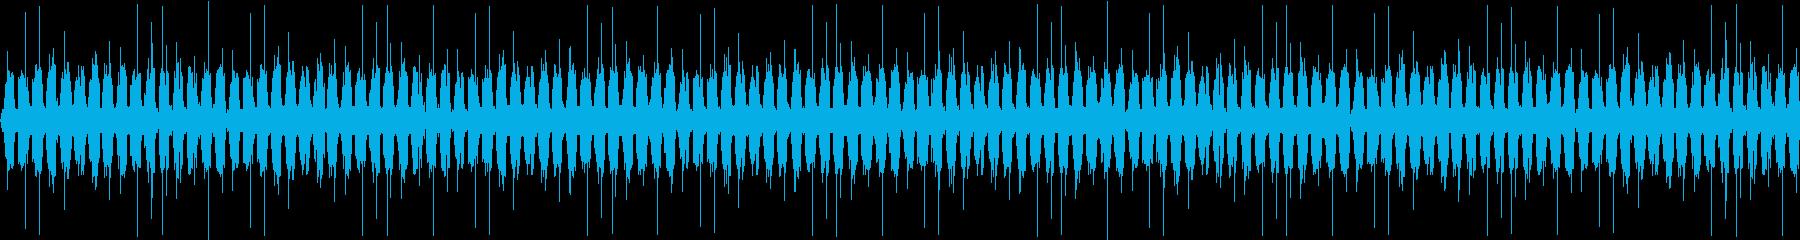 近未来をイメージしたシンセサウンドの再生済みの波形